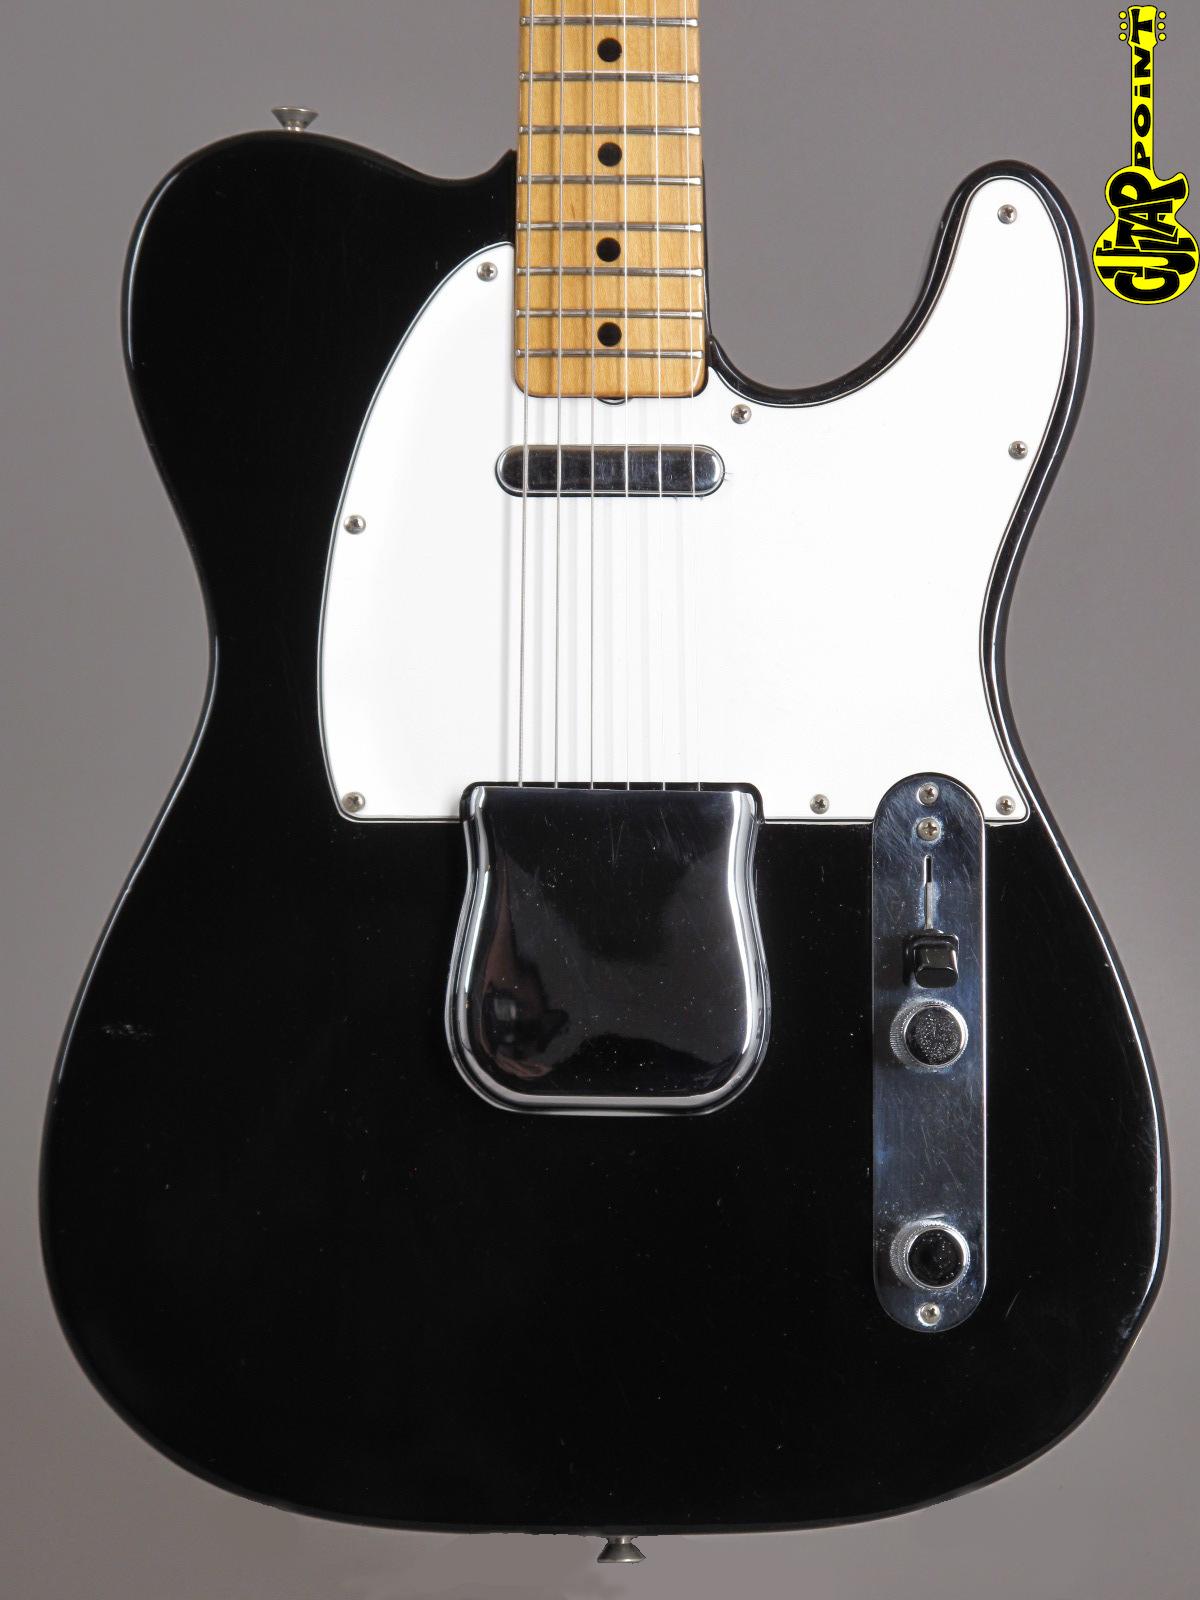 1974 Fender Telecaster - Black